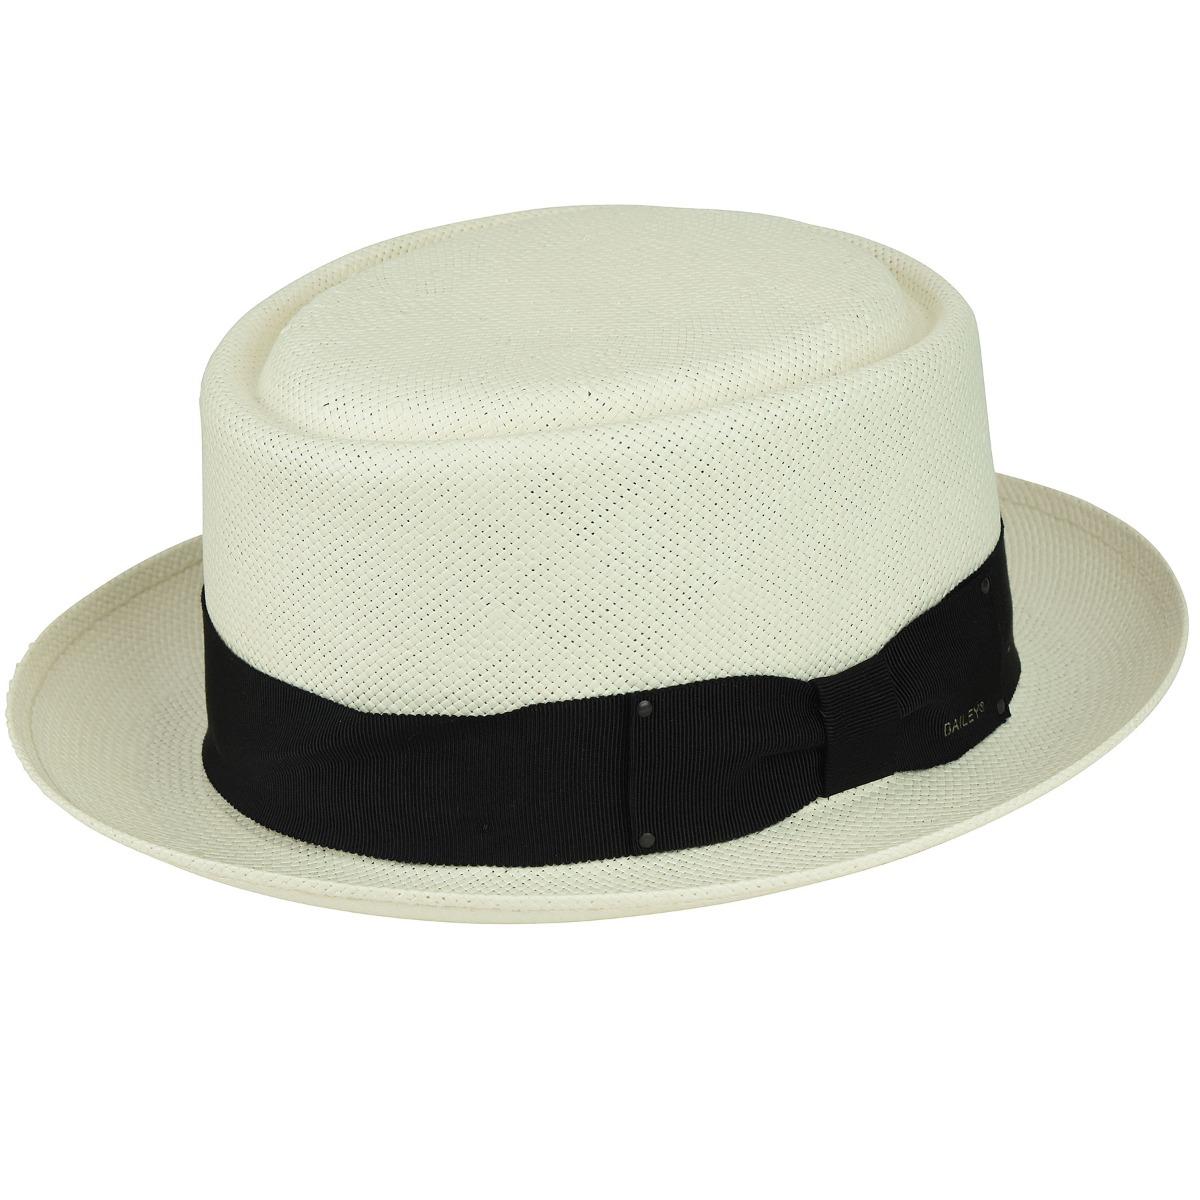 Vintage Mens Clothing | Retro Clothing for Men Larkin LiteStrawPork Pie $112.50 AT vintagedancer.com